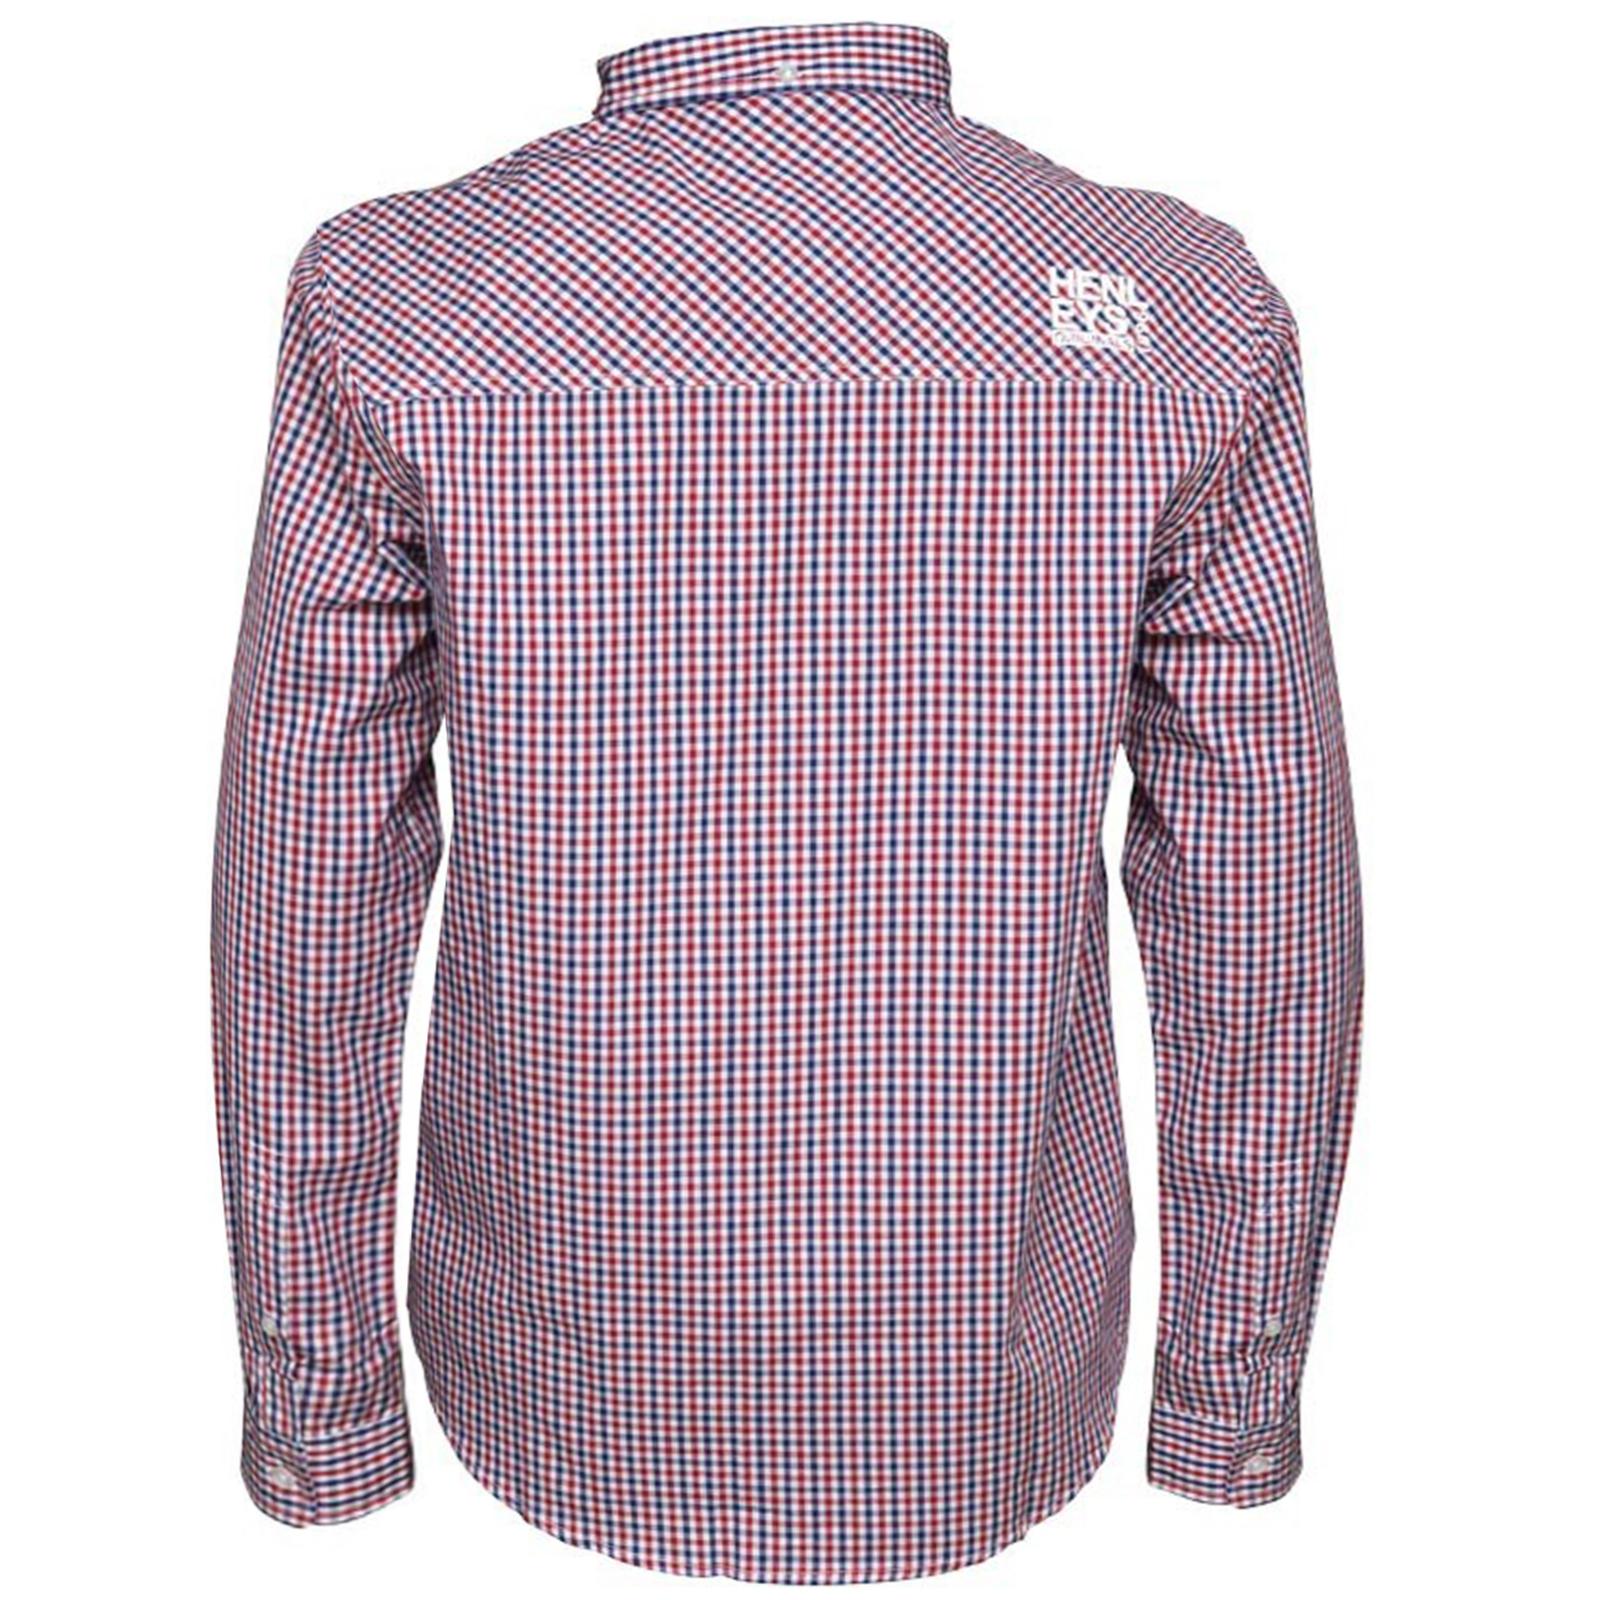 Henleys-homme-designer-classique-oxford-plain-ou-vichy-carreaux-manches-longues-chemises miniature 5